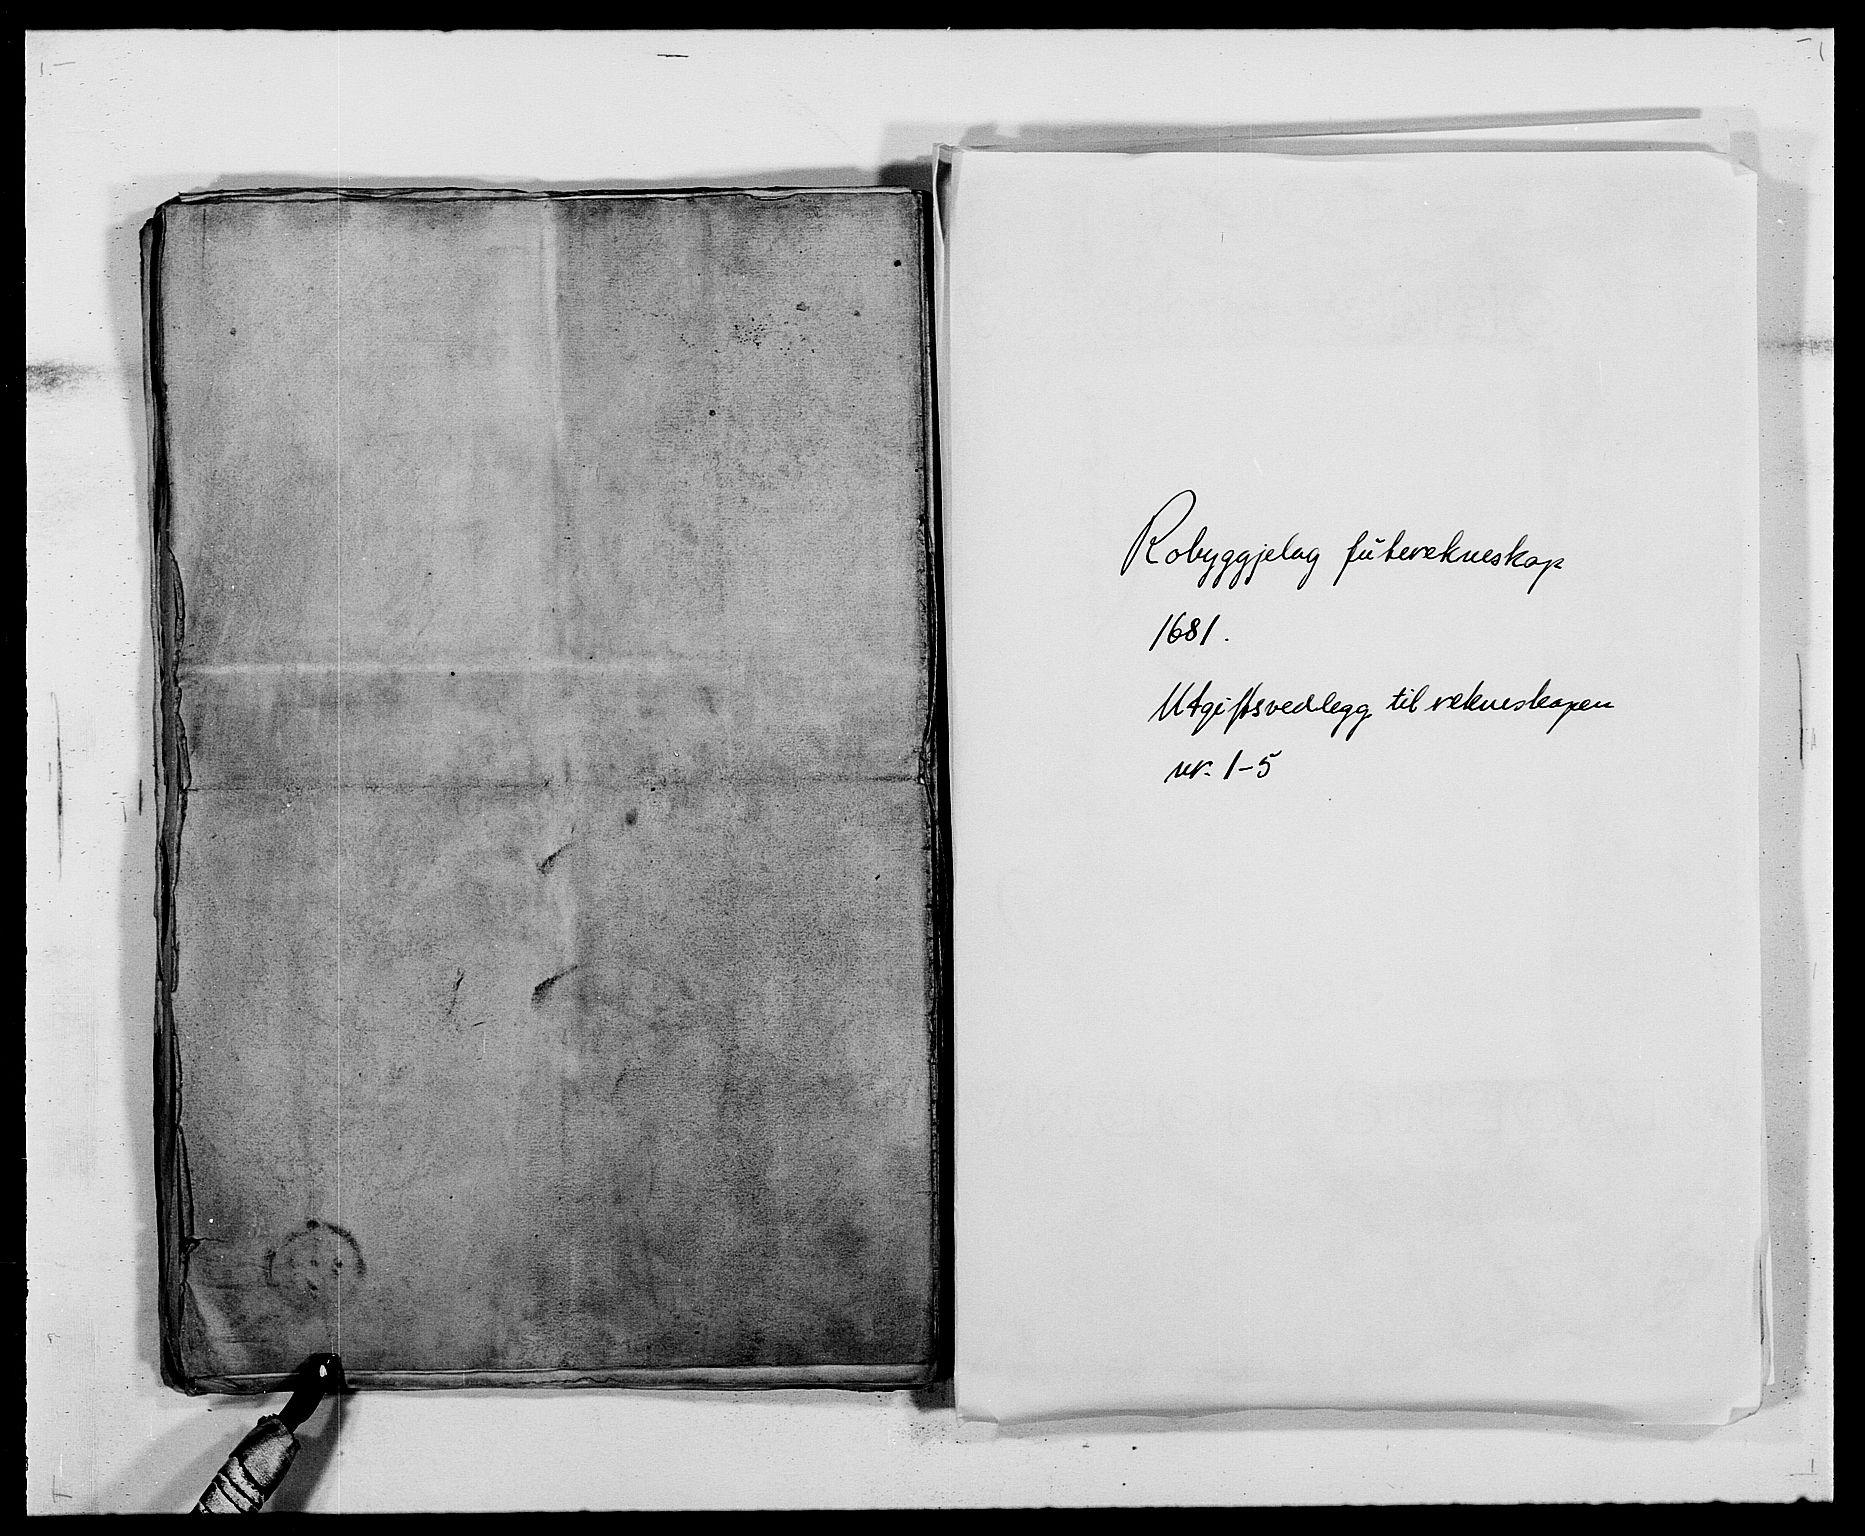 RA, Rentekammeret inntil 1814, Reviderte regnskaper, Fogderegnskap, R40/L2437: Fogderegnskap Råbyggelag, 1681, s. 98